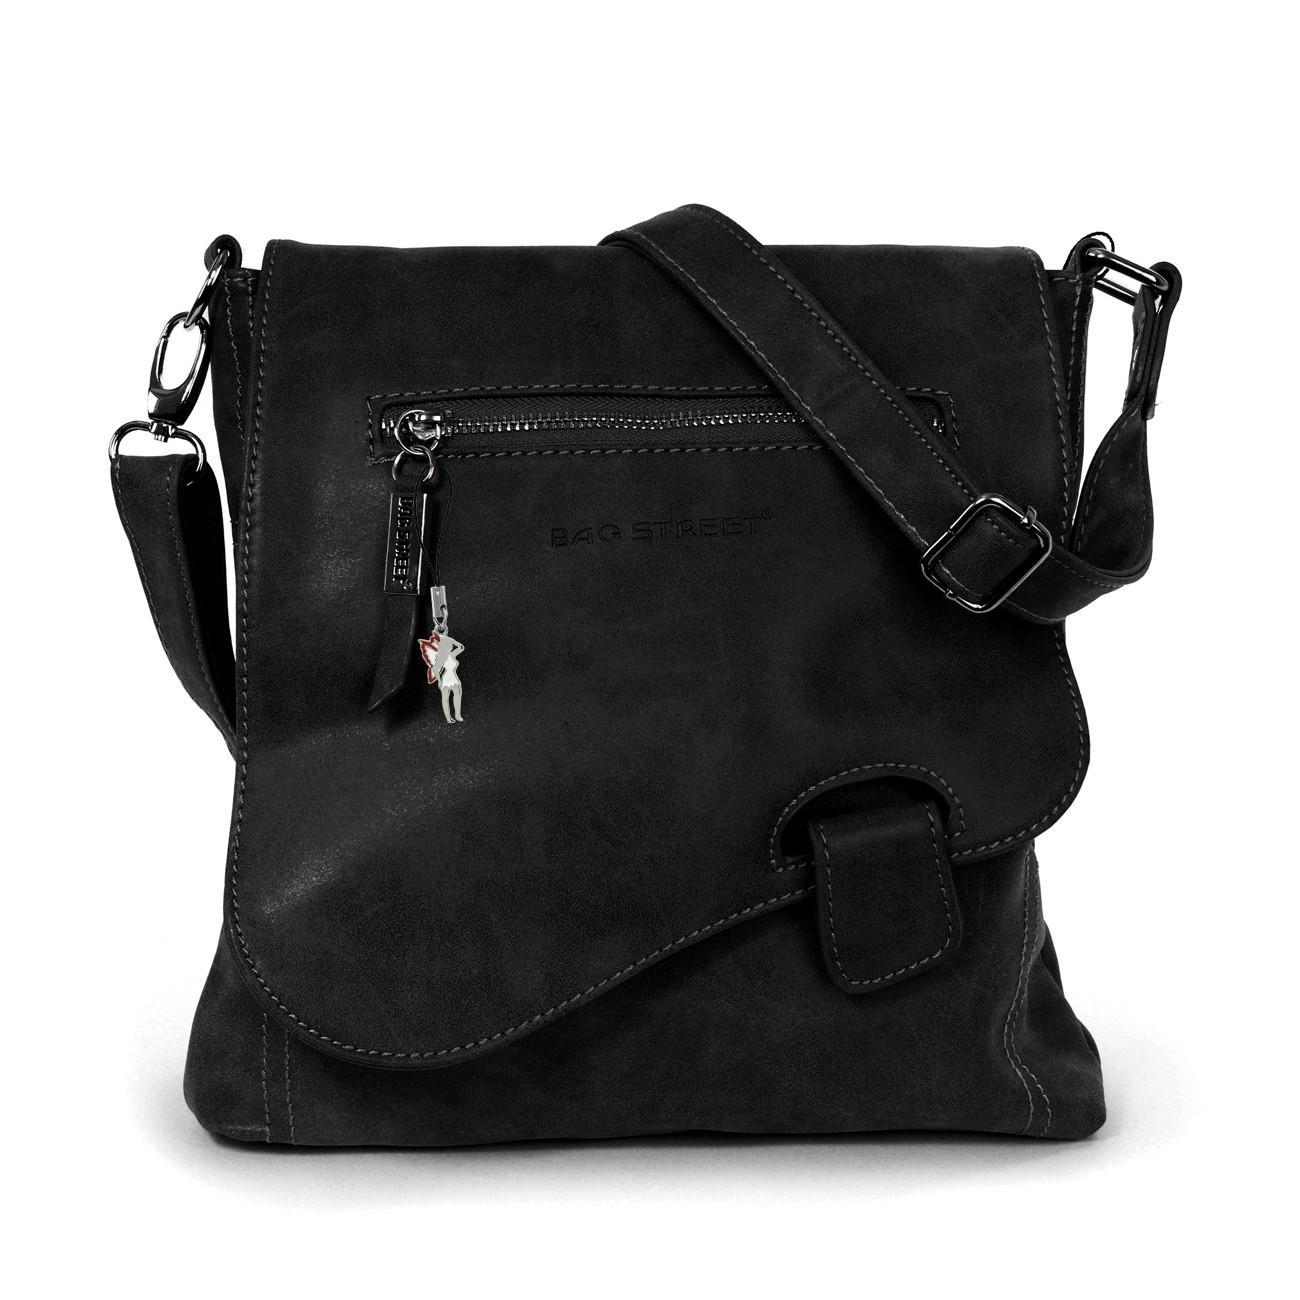 Umhängetasche, Schultertasche Kunstleder schwarz Handtasche Bag Street OTJ128S